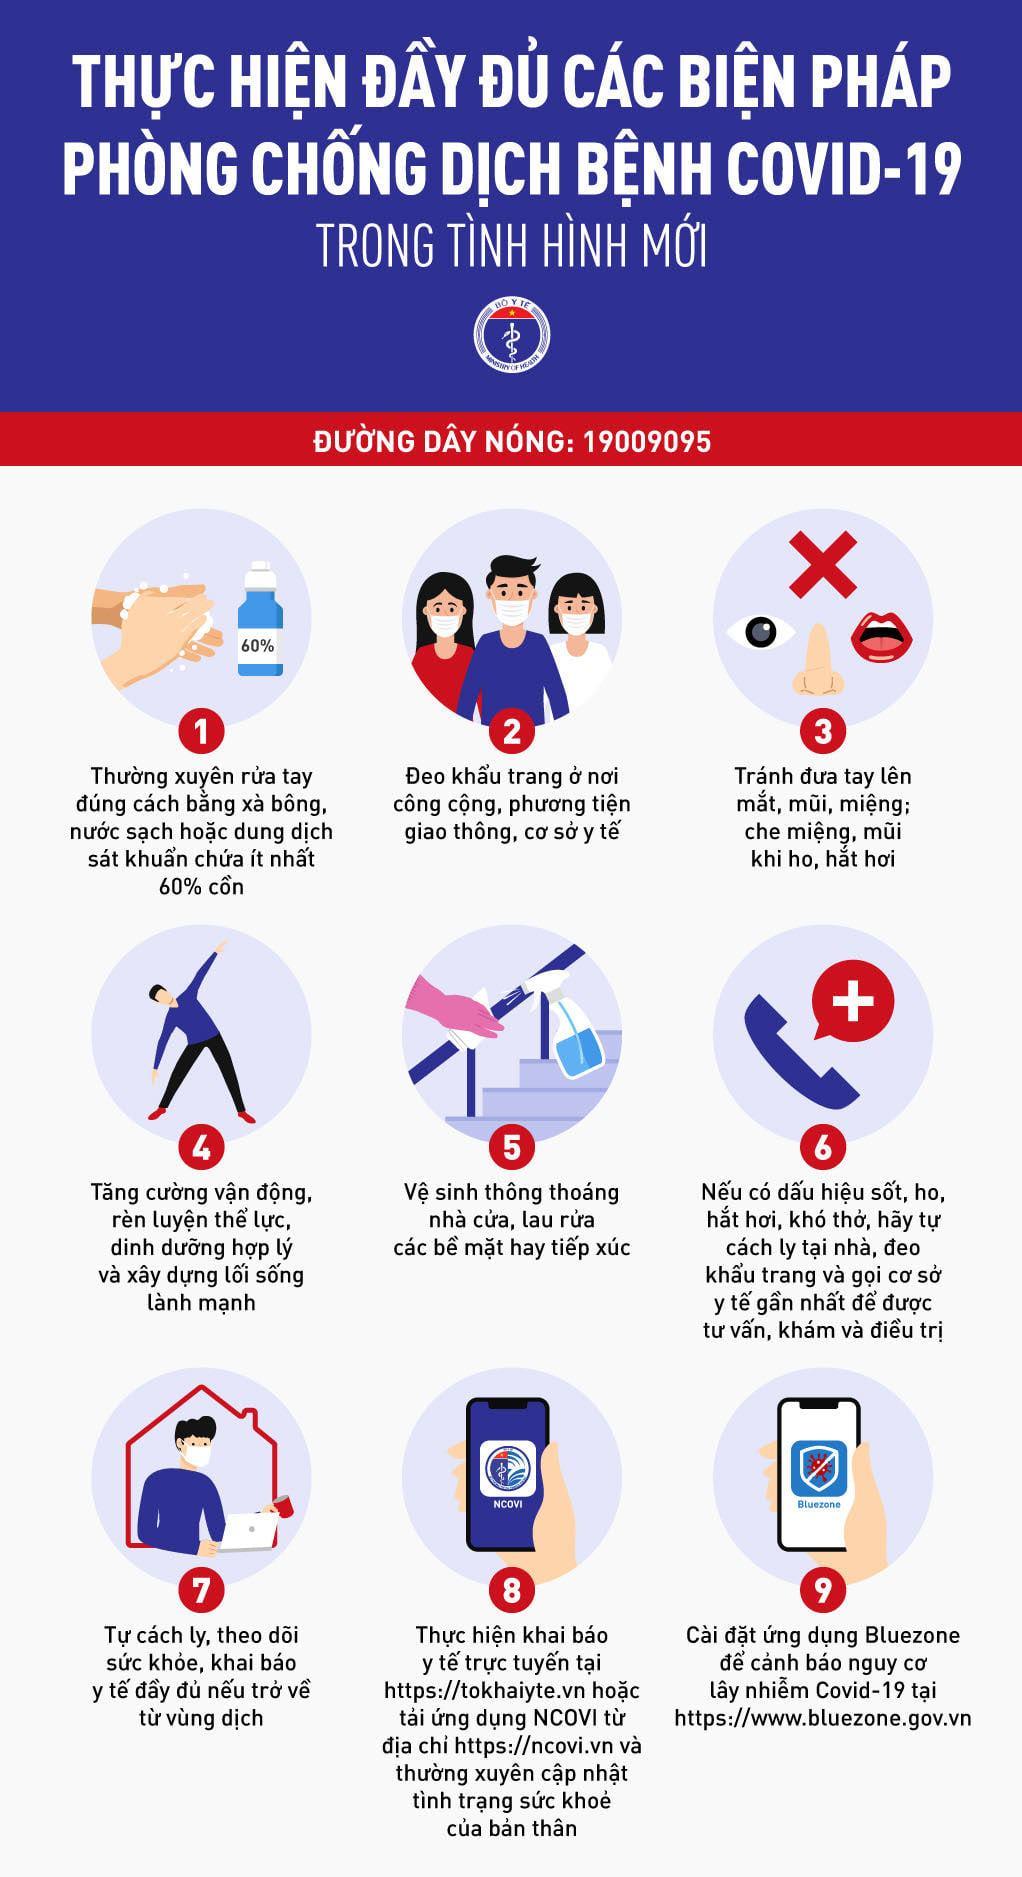 9 biện pháp phòng chống dịch COVID-19